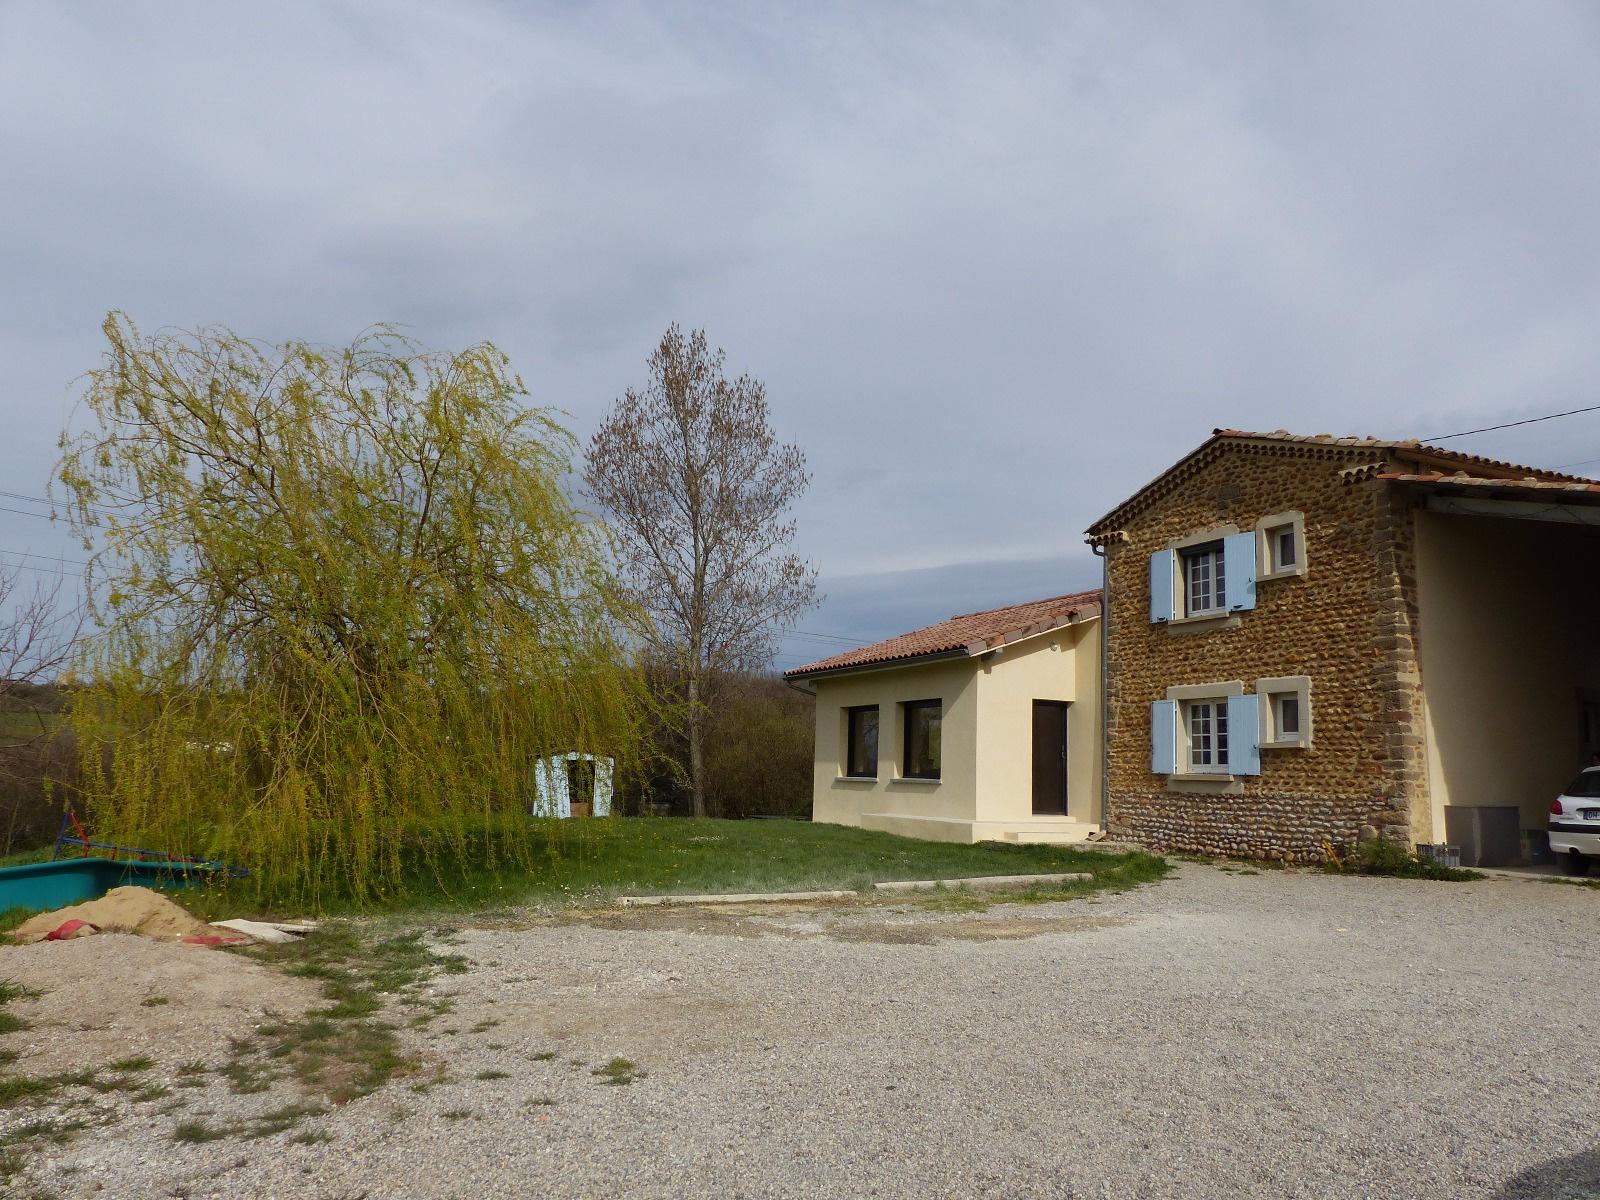 Annonce location maison albon 26140 150 m 1 030 for Annonces location maison